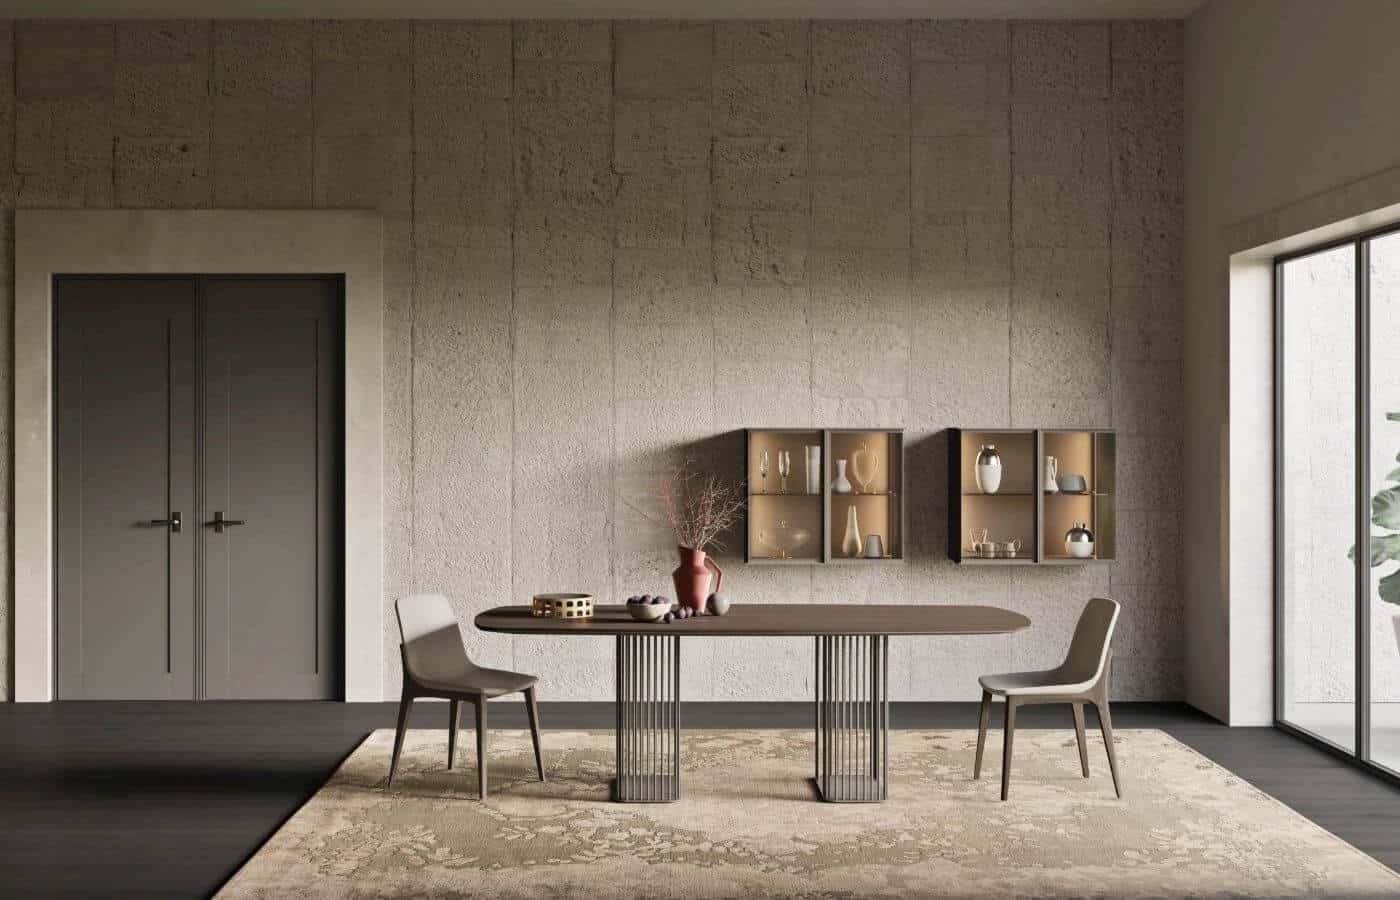 zona-giorno-pareti-attrezzate-vetrinetta-collezione-teka-il-mobile (3)